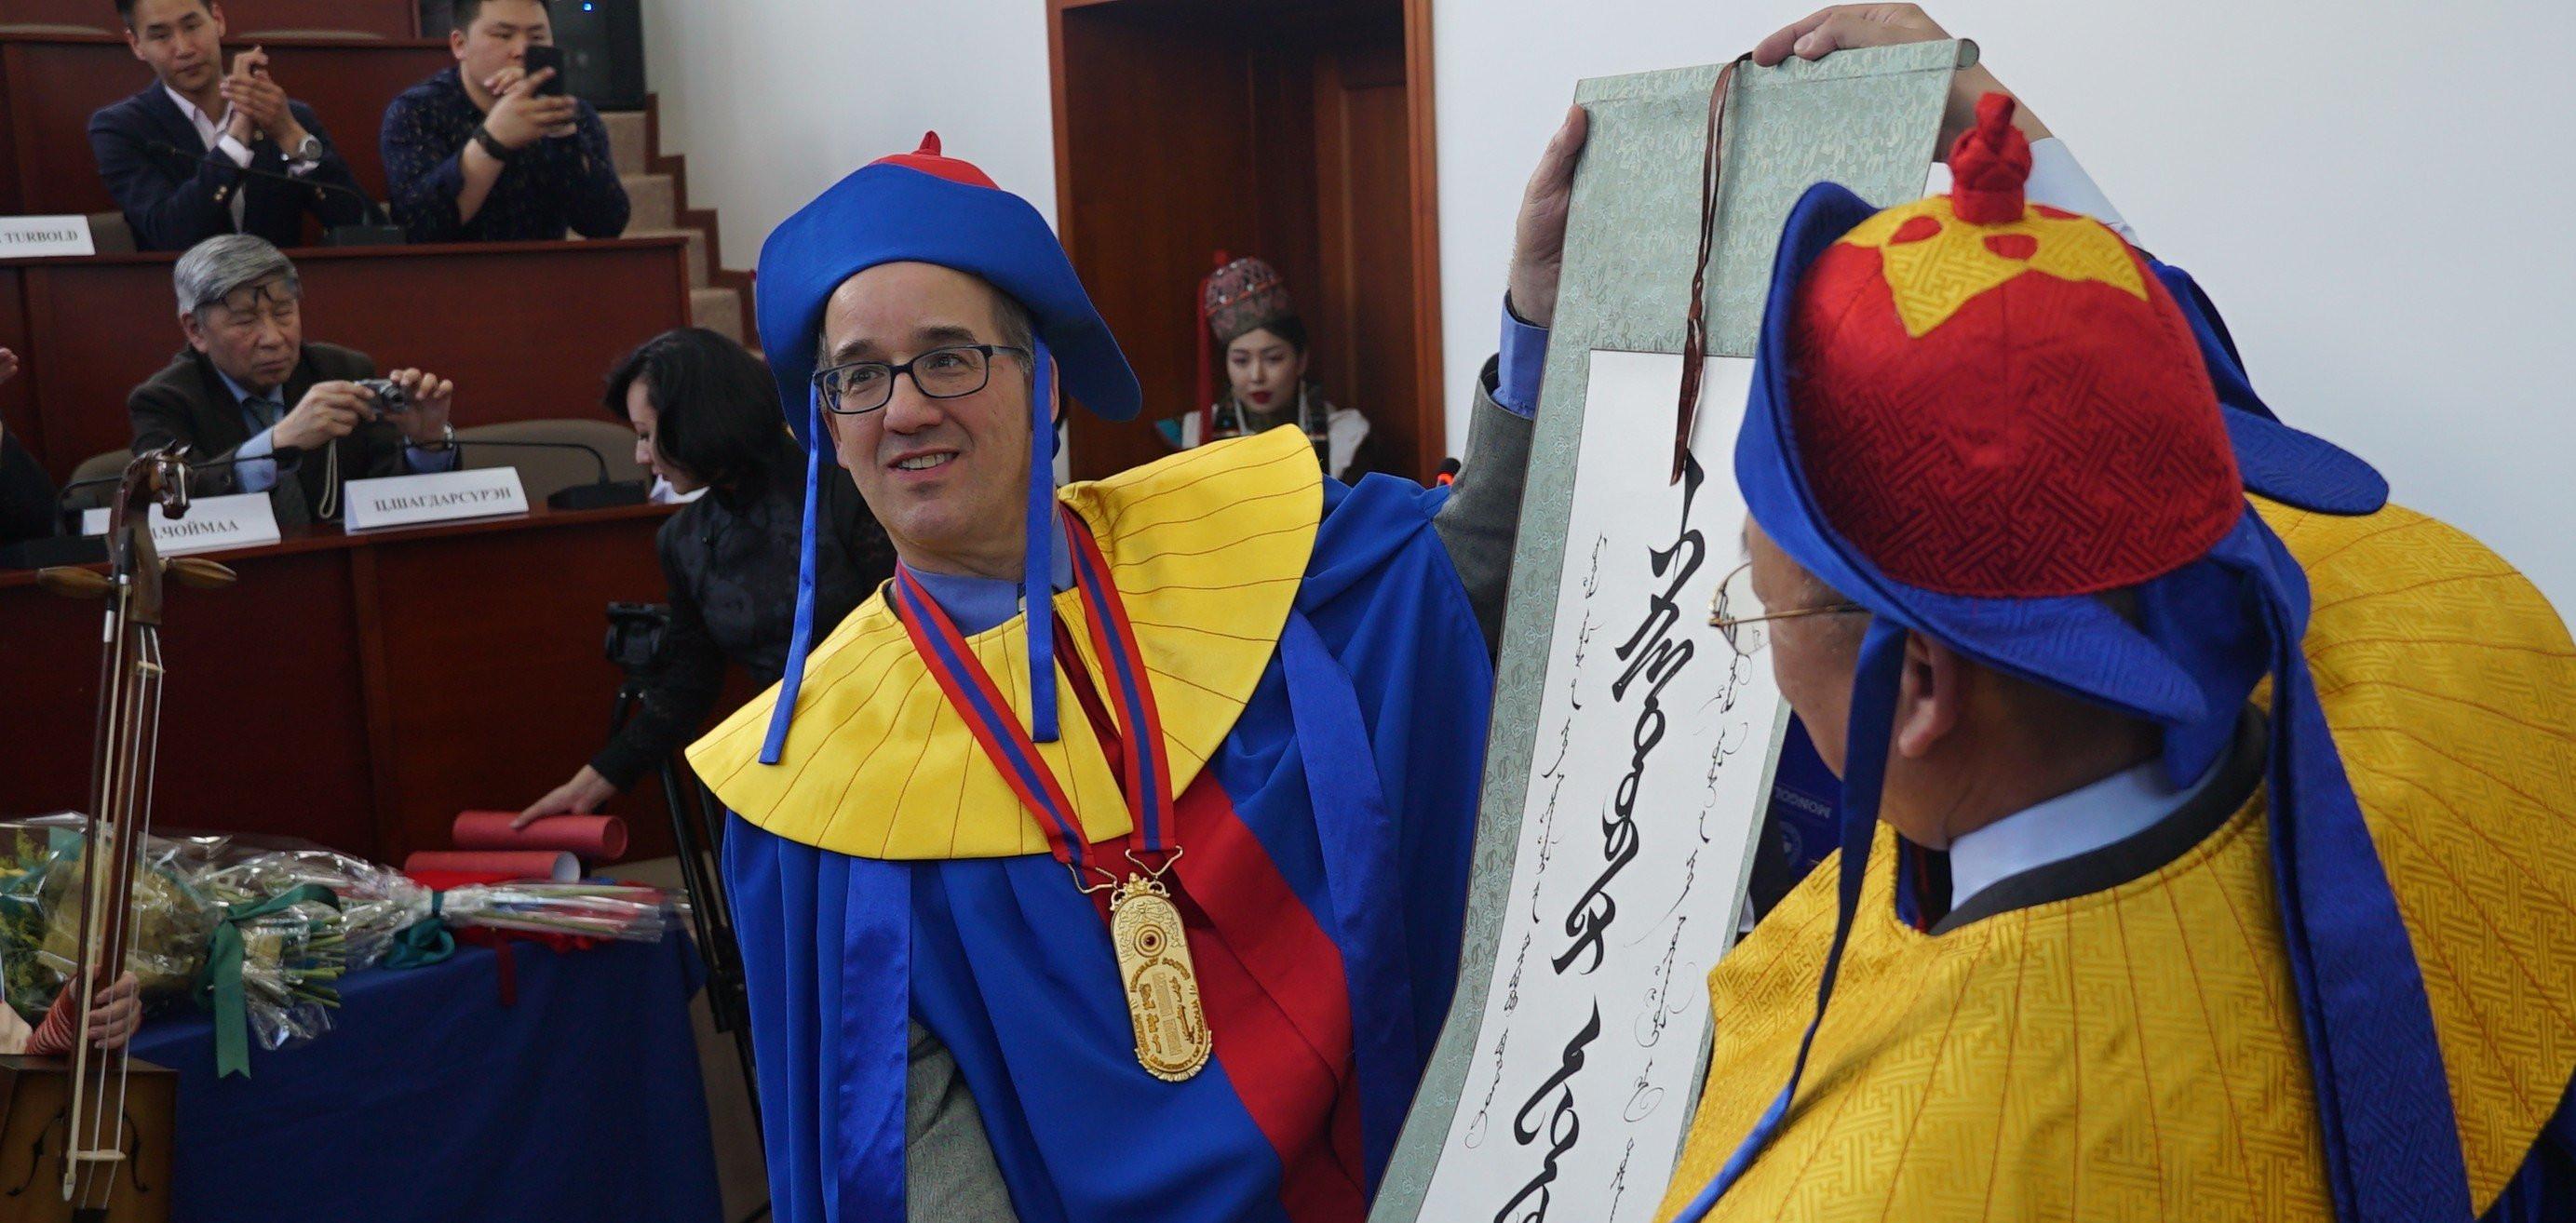 Монгол судлаач Кристофер Эдвуд МУИС-ийн хүндэт доктор болов